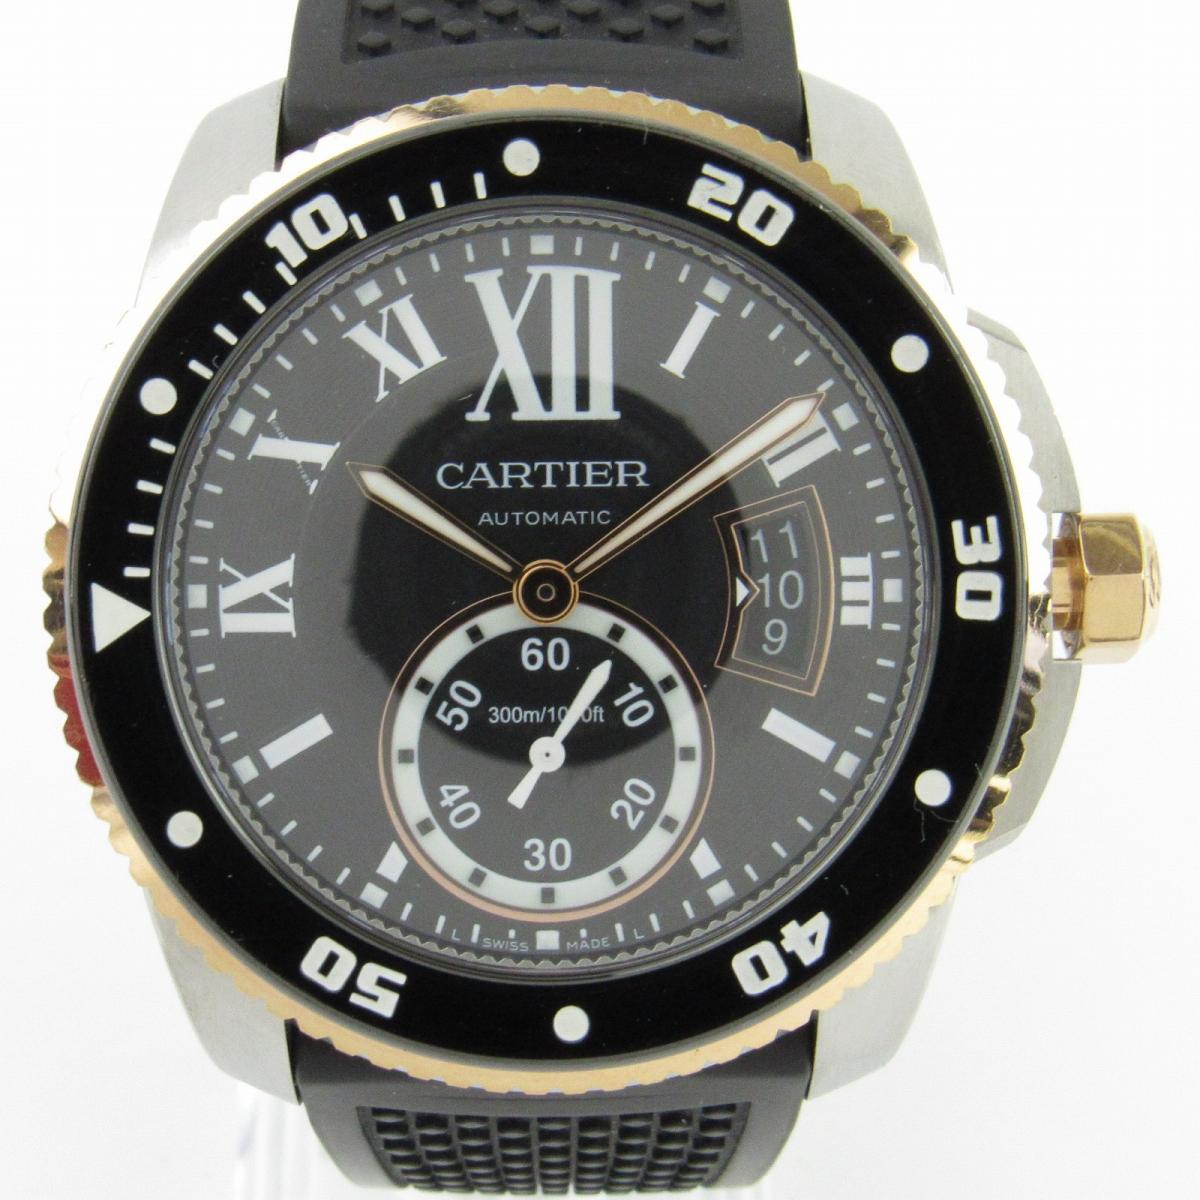 【中古】 カルティエ カリブルダイバー ウォッチ 腕時計 メンズ ステンレススチール (SS) x PG x ラバーベルト (W7100055) | Cartier オートマチック 時計 自動巻き カリブルダイバー 美品 ブランドオフ